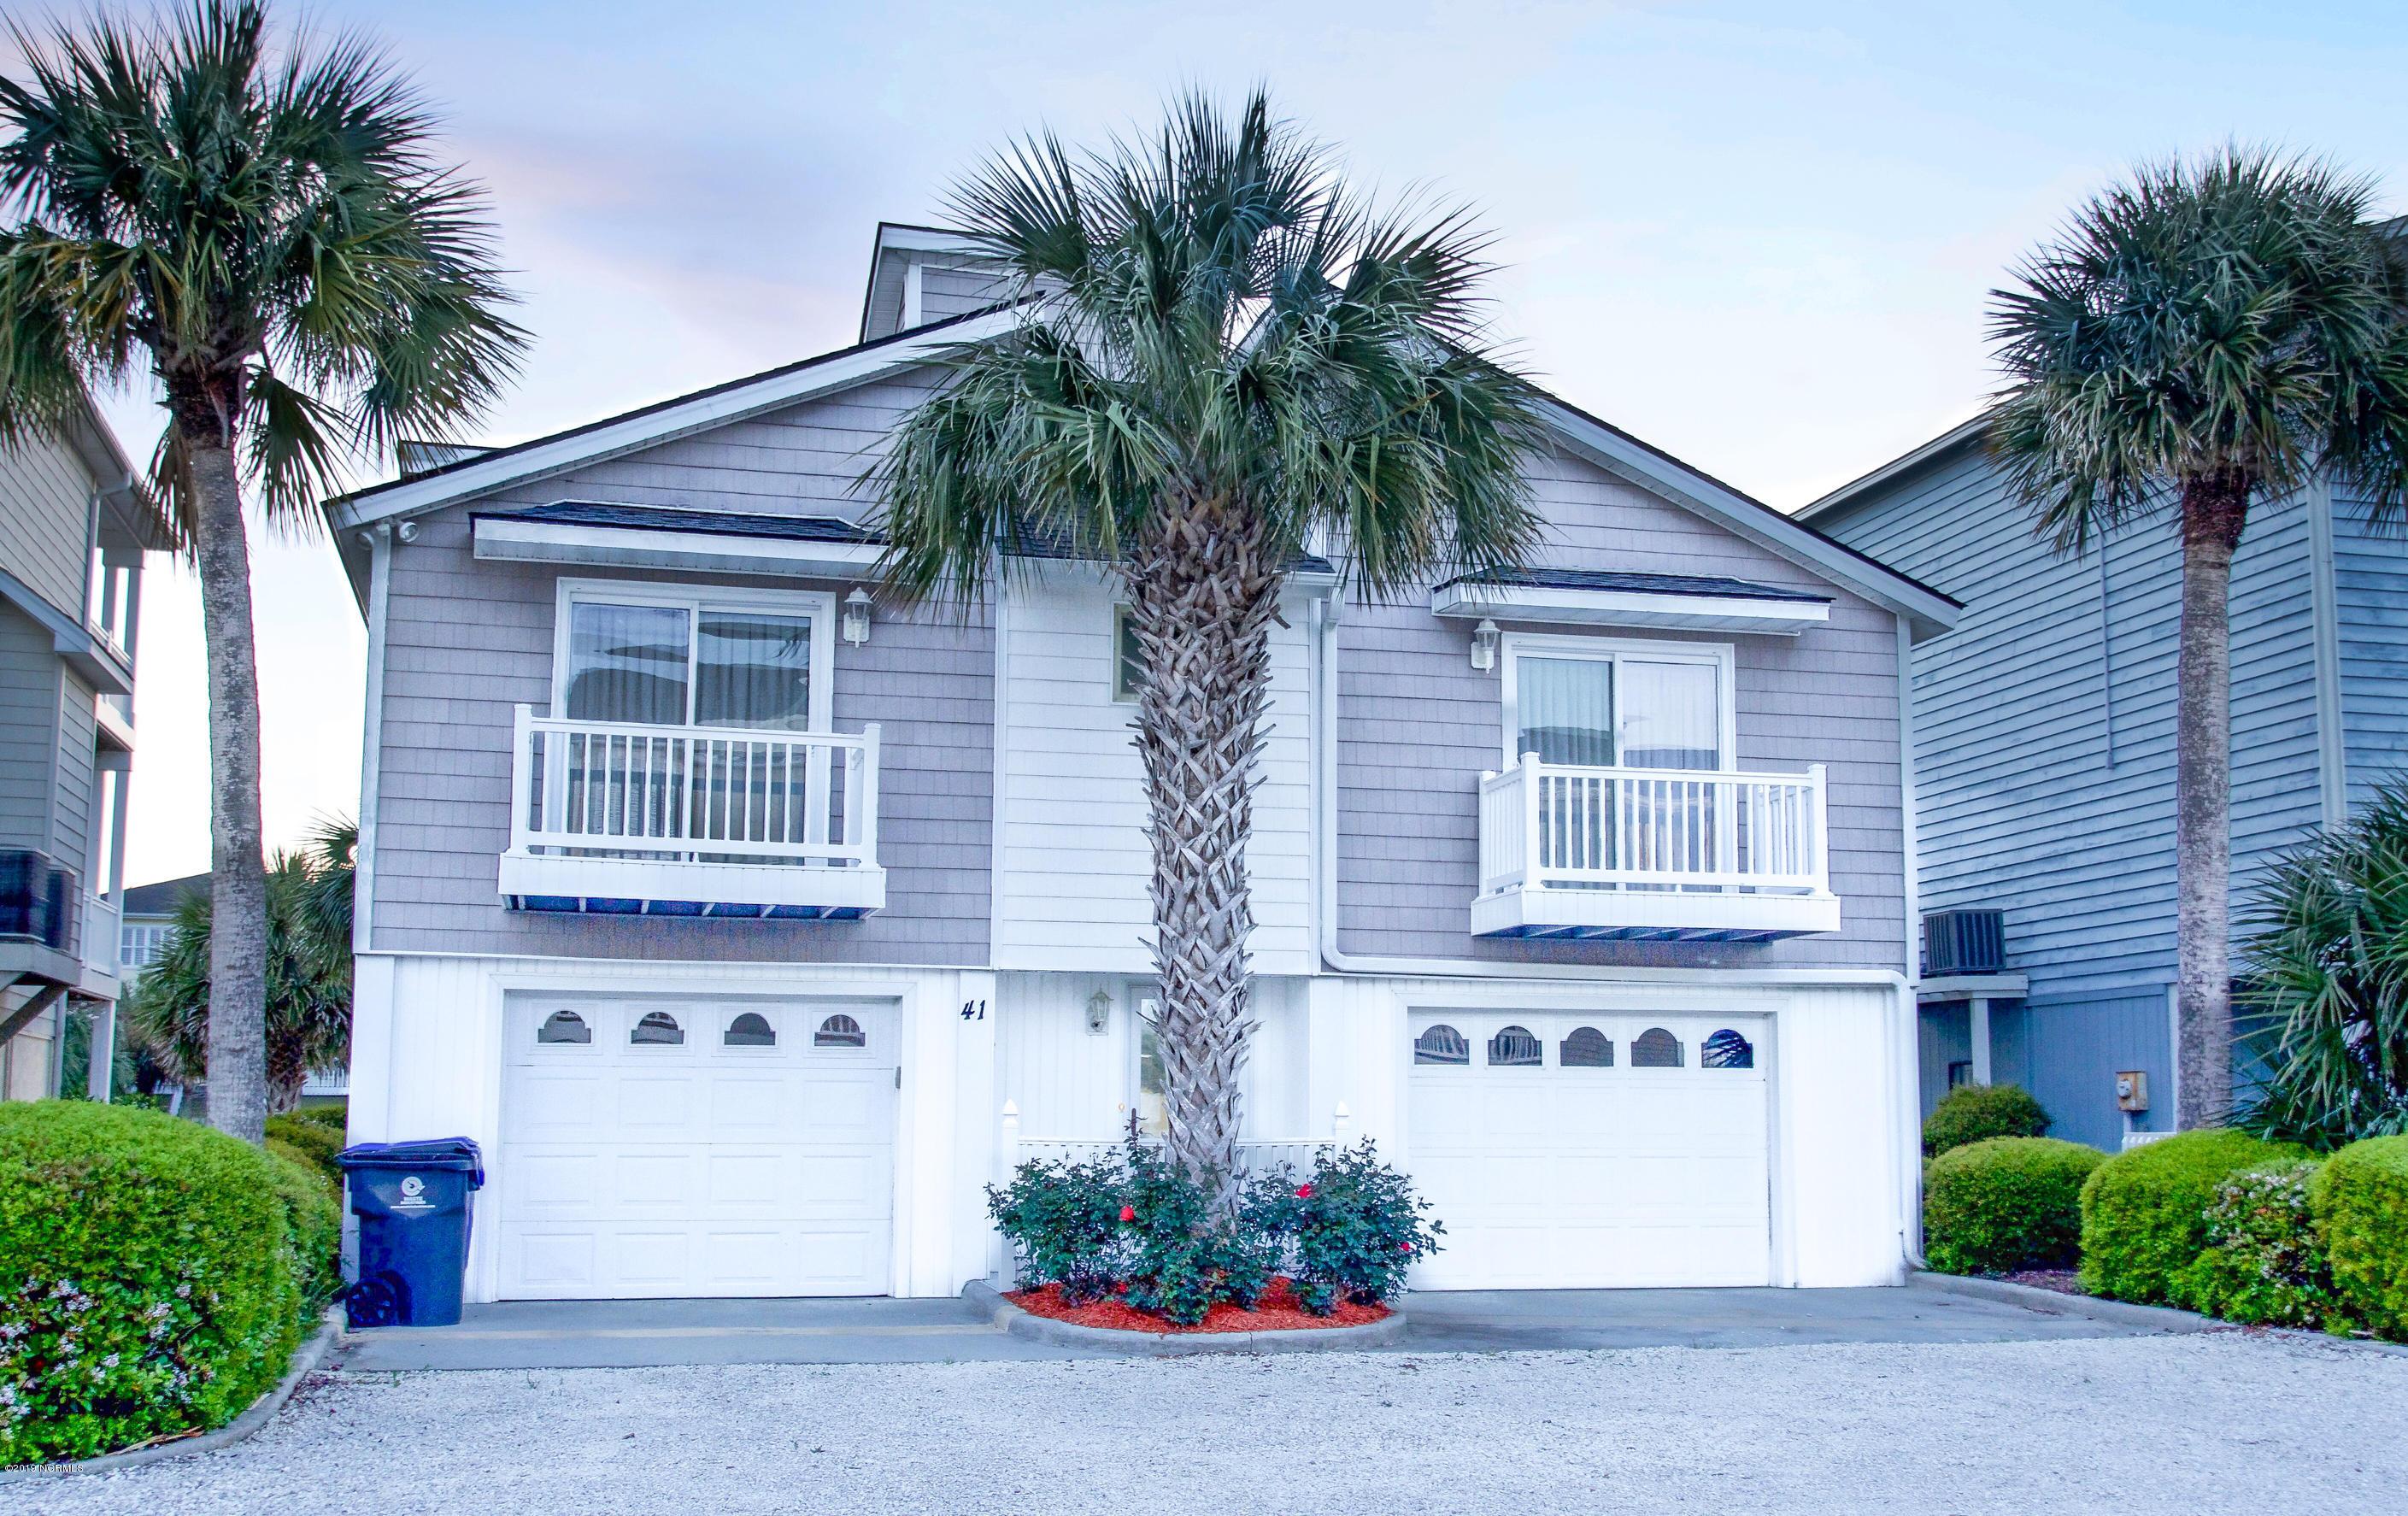 41 Pender Street Ocean Isle Beach, NC 28469